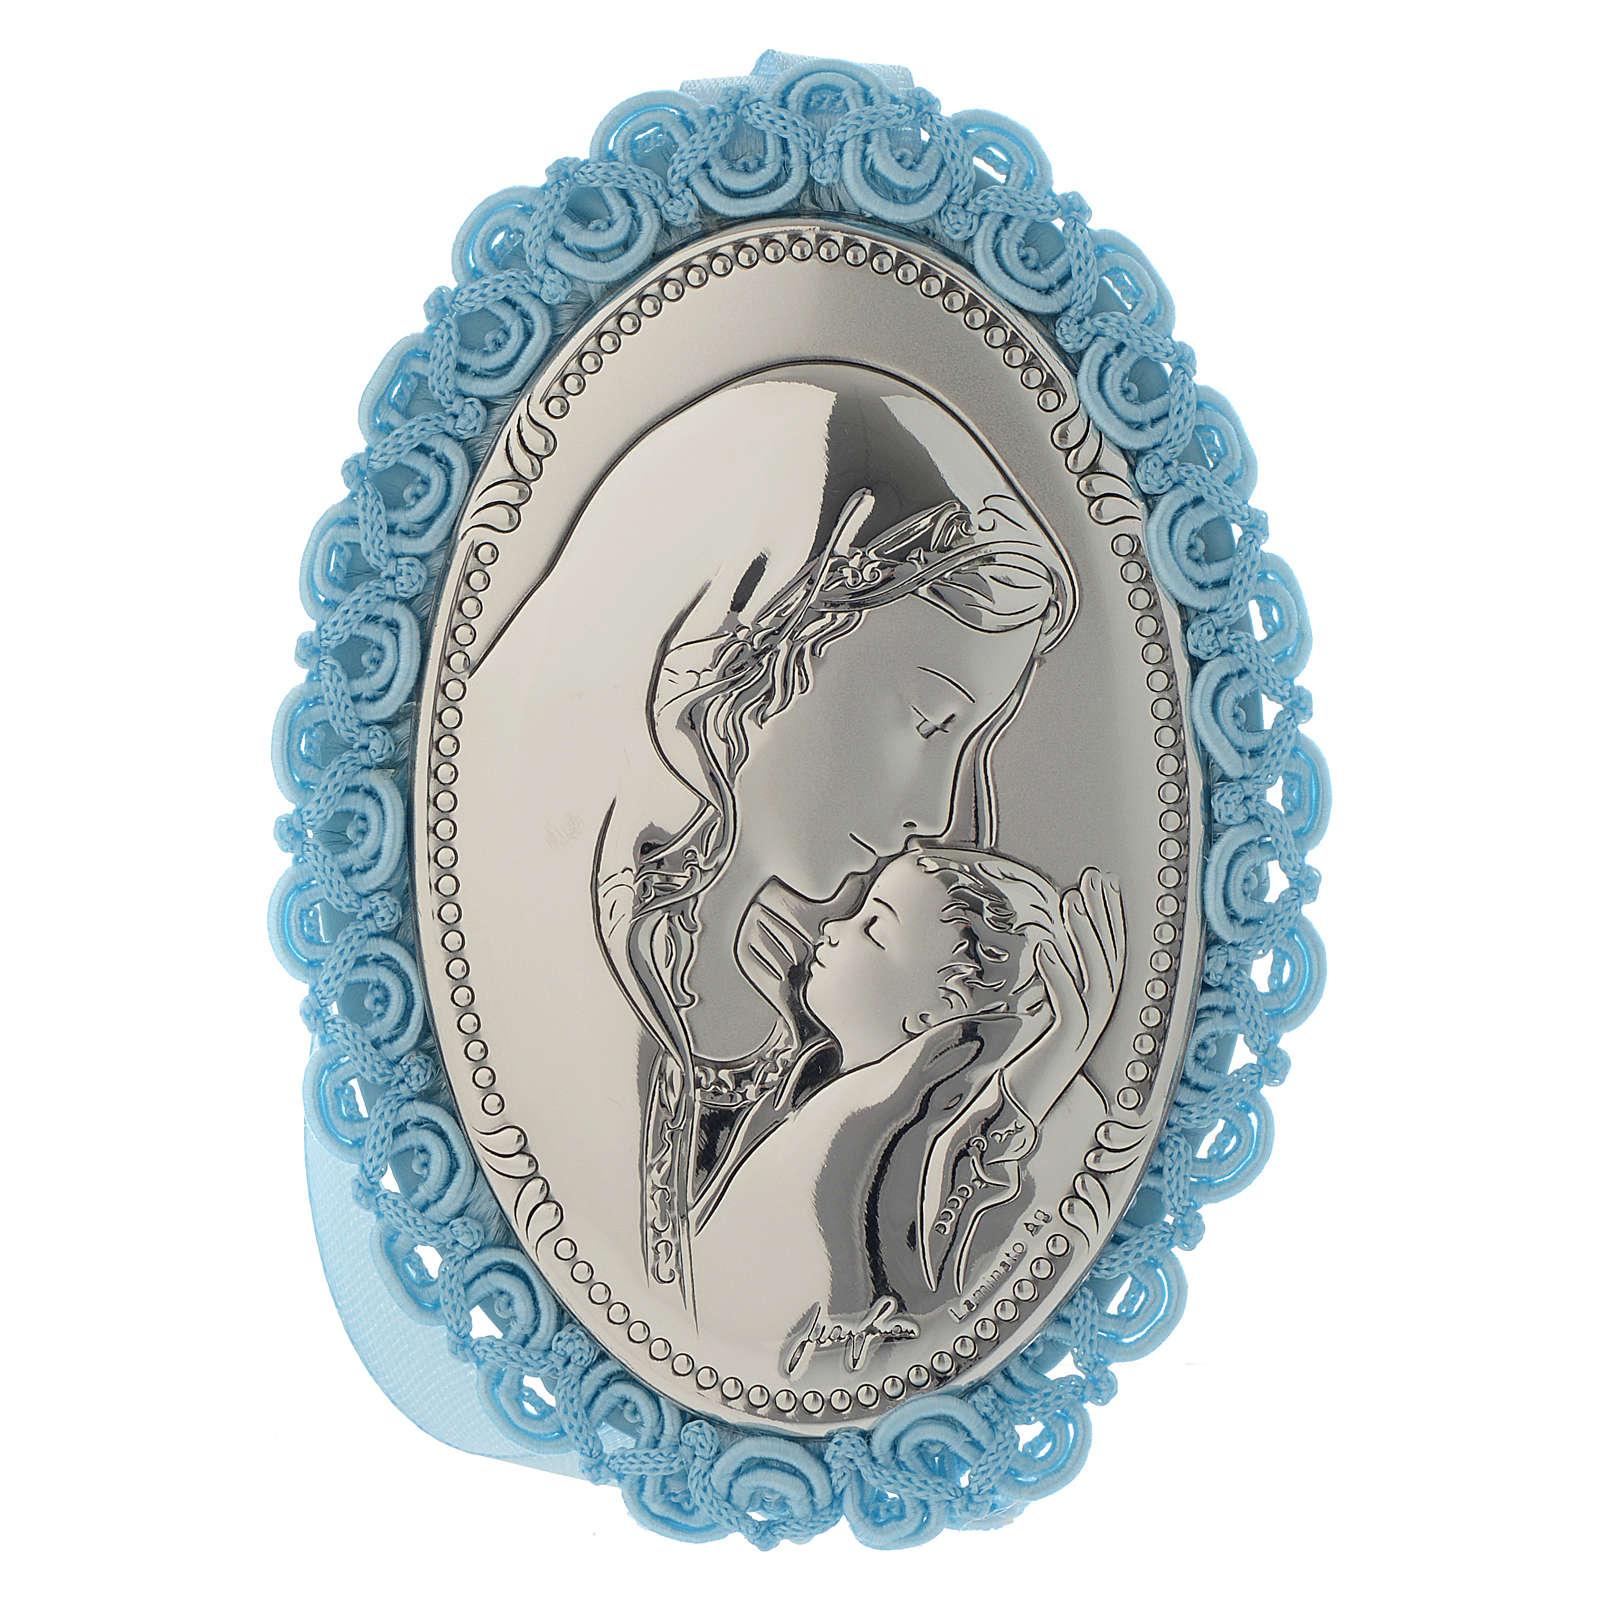 Médaillon lit argent bi-laminé Maternité carillon bleu 4